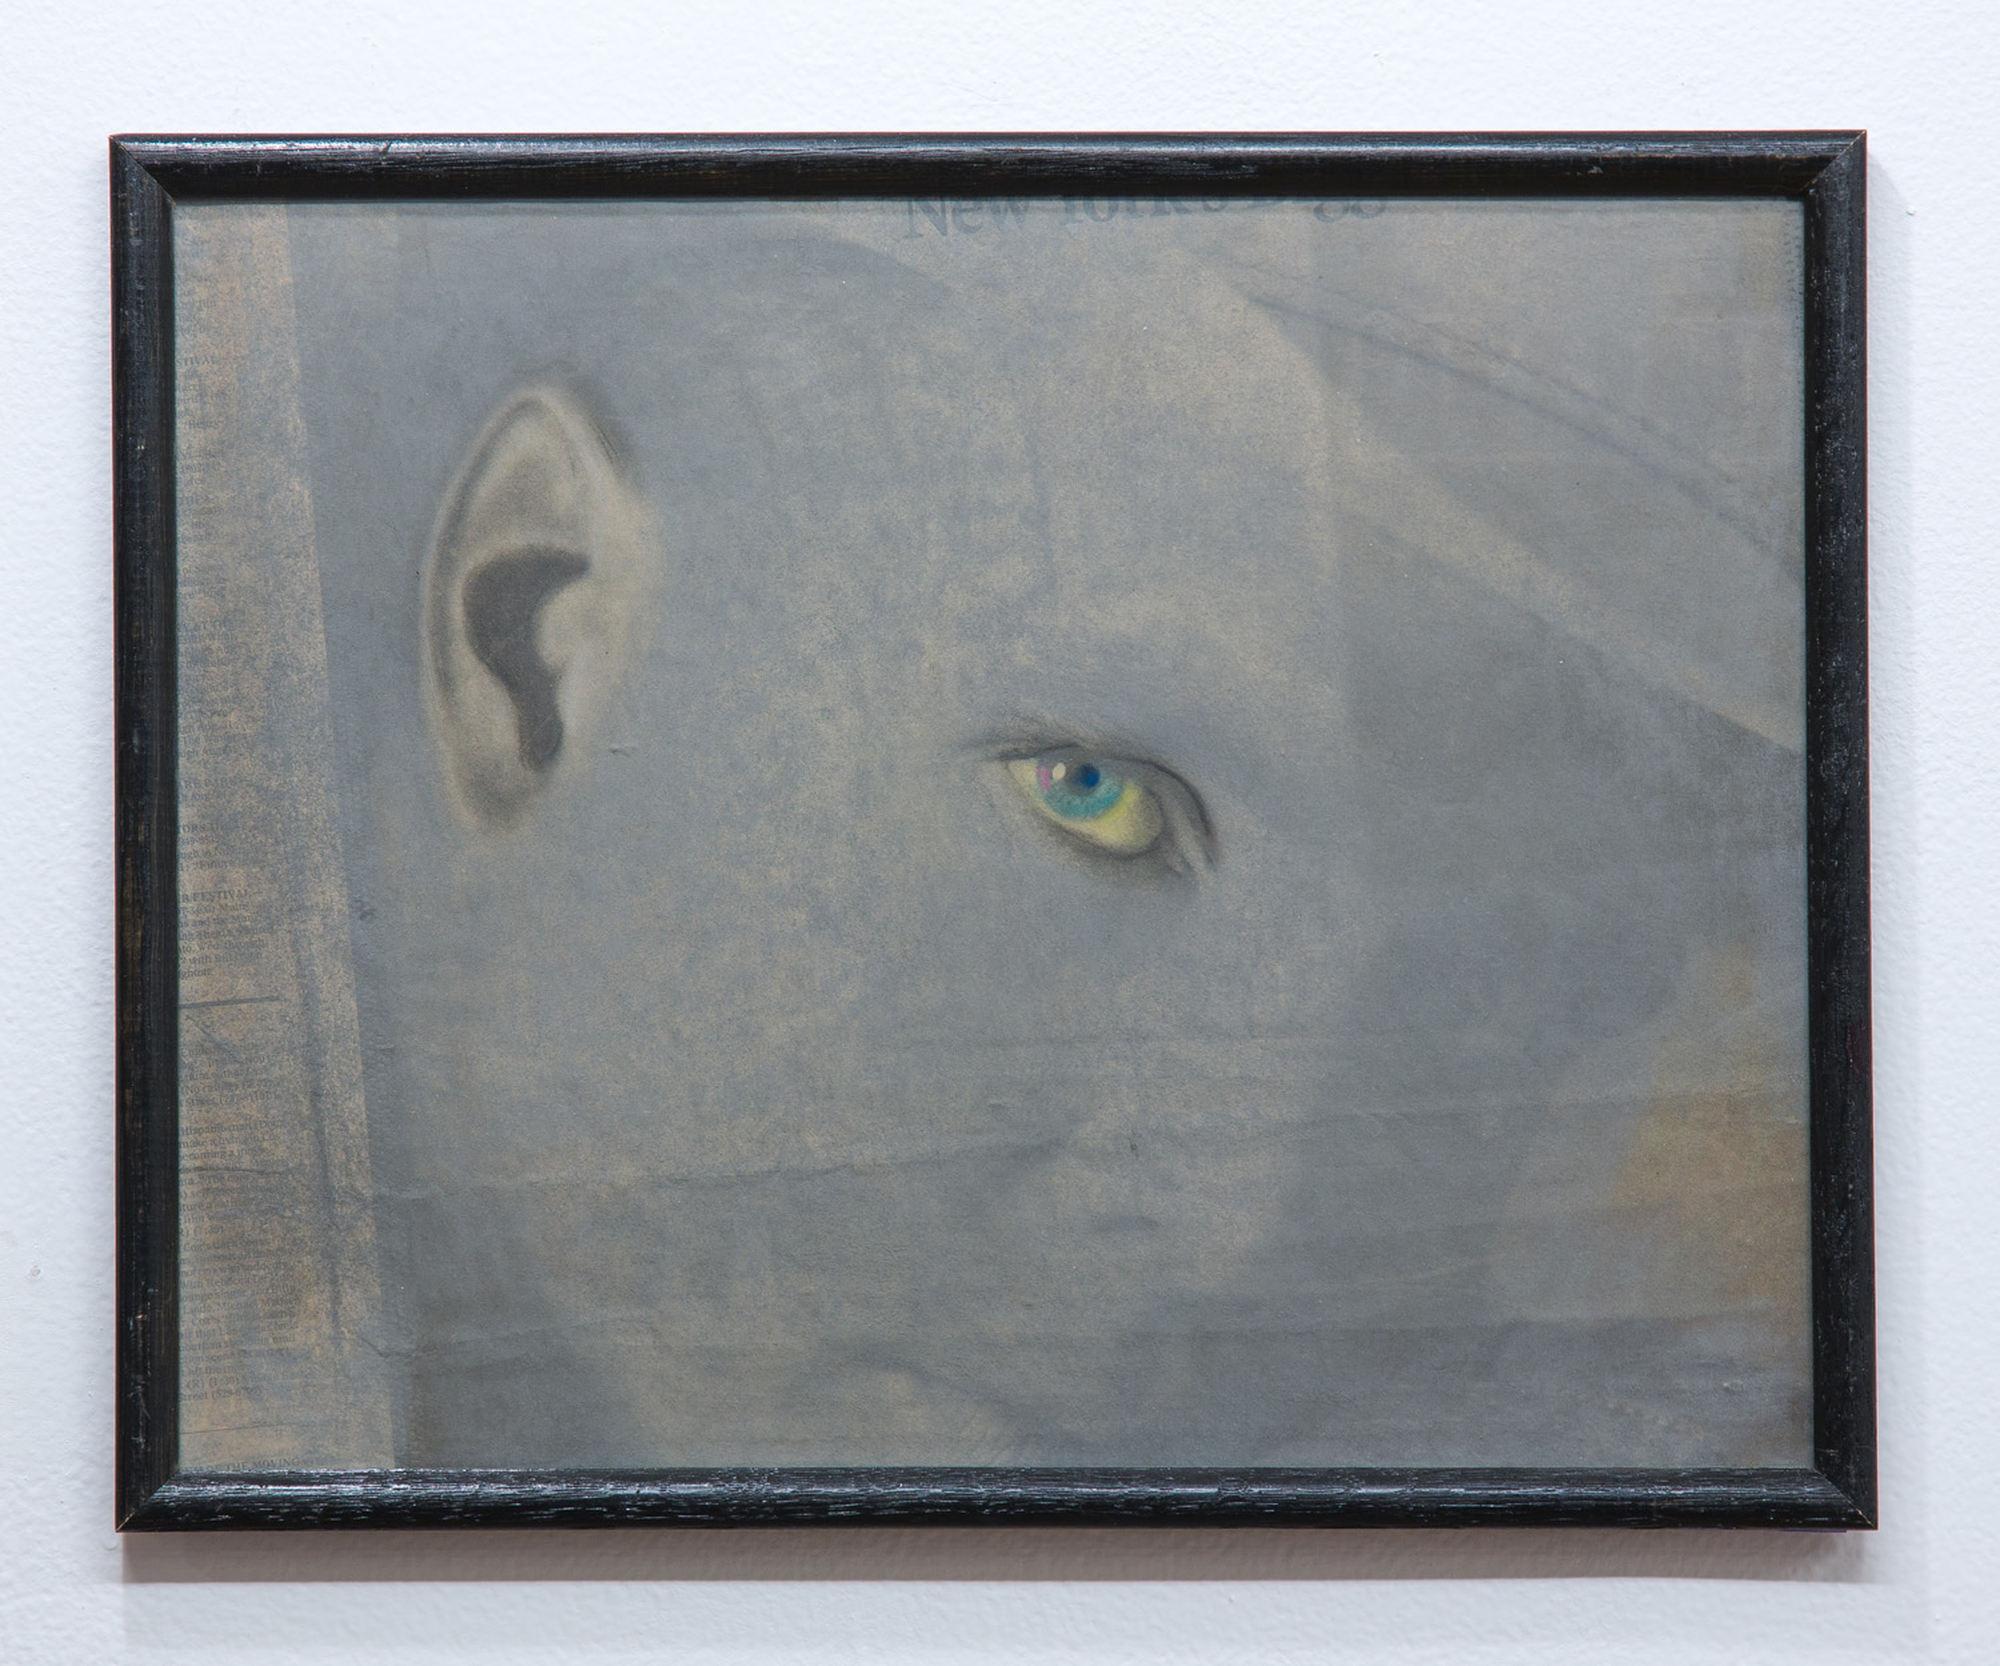 Paul McMahon_44_321 Gallery_Websize-98